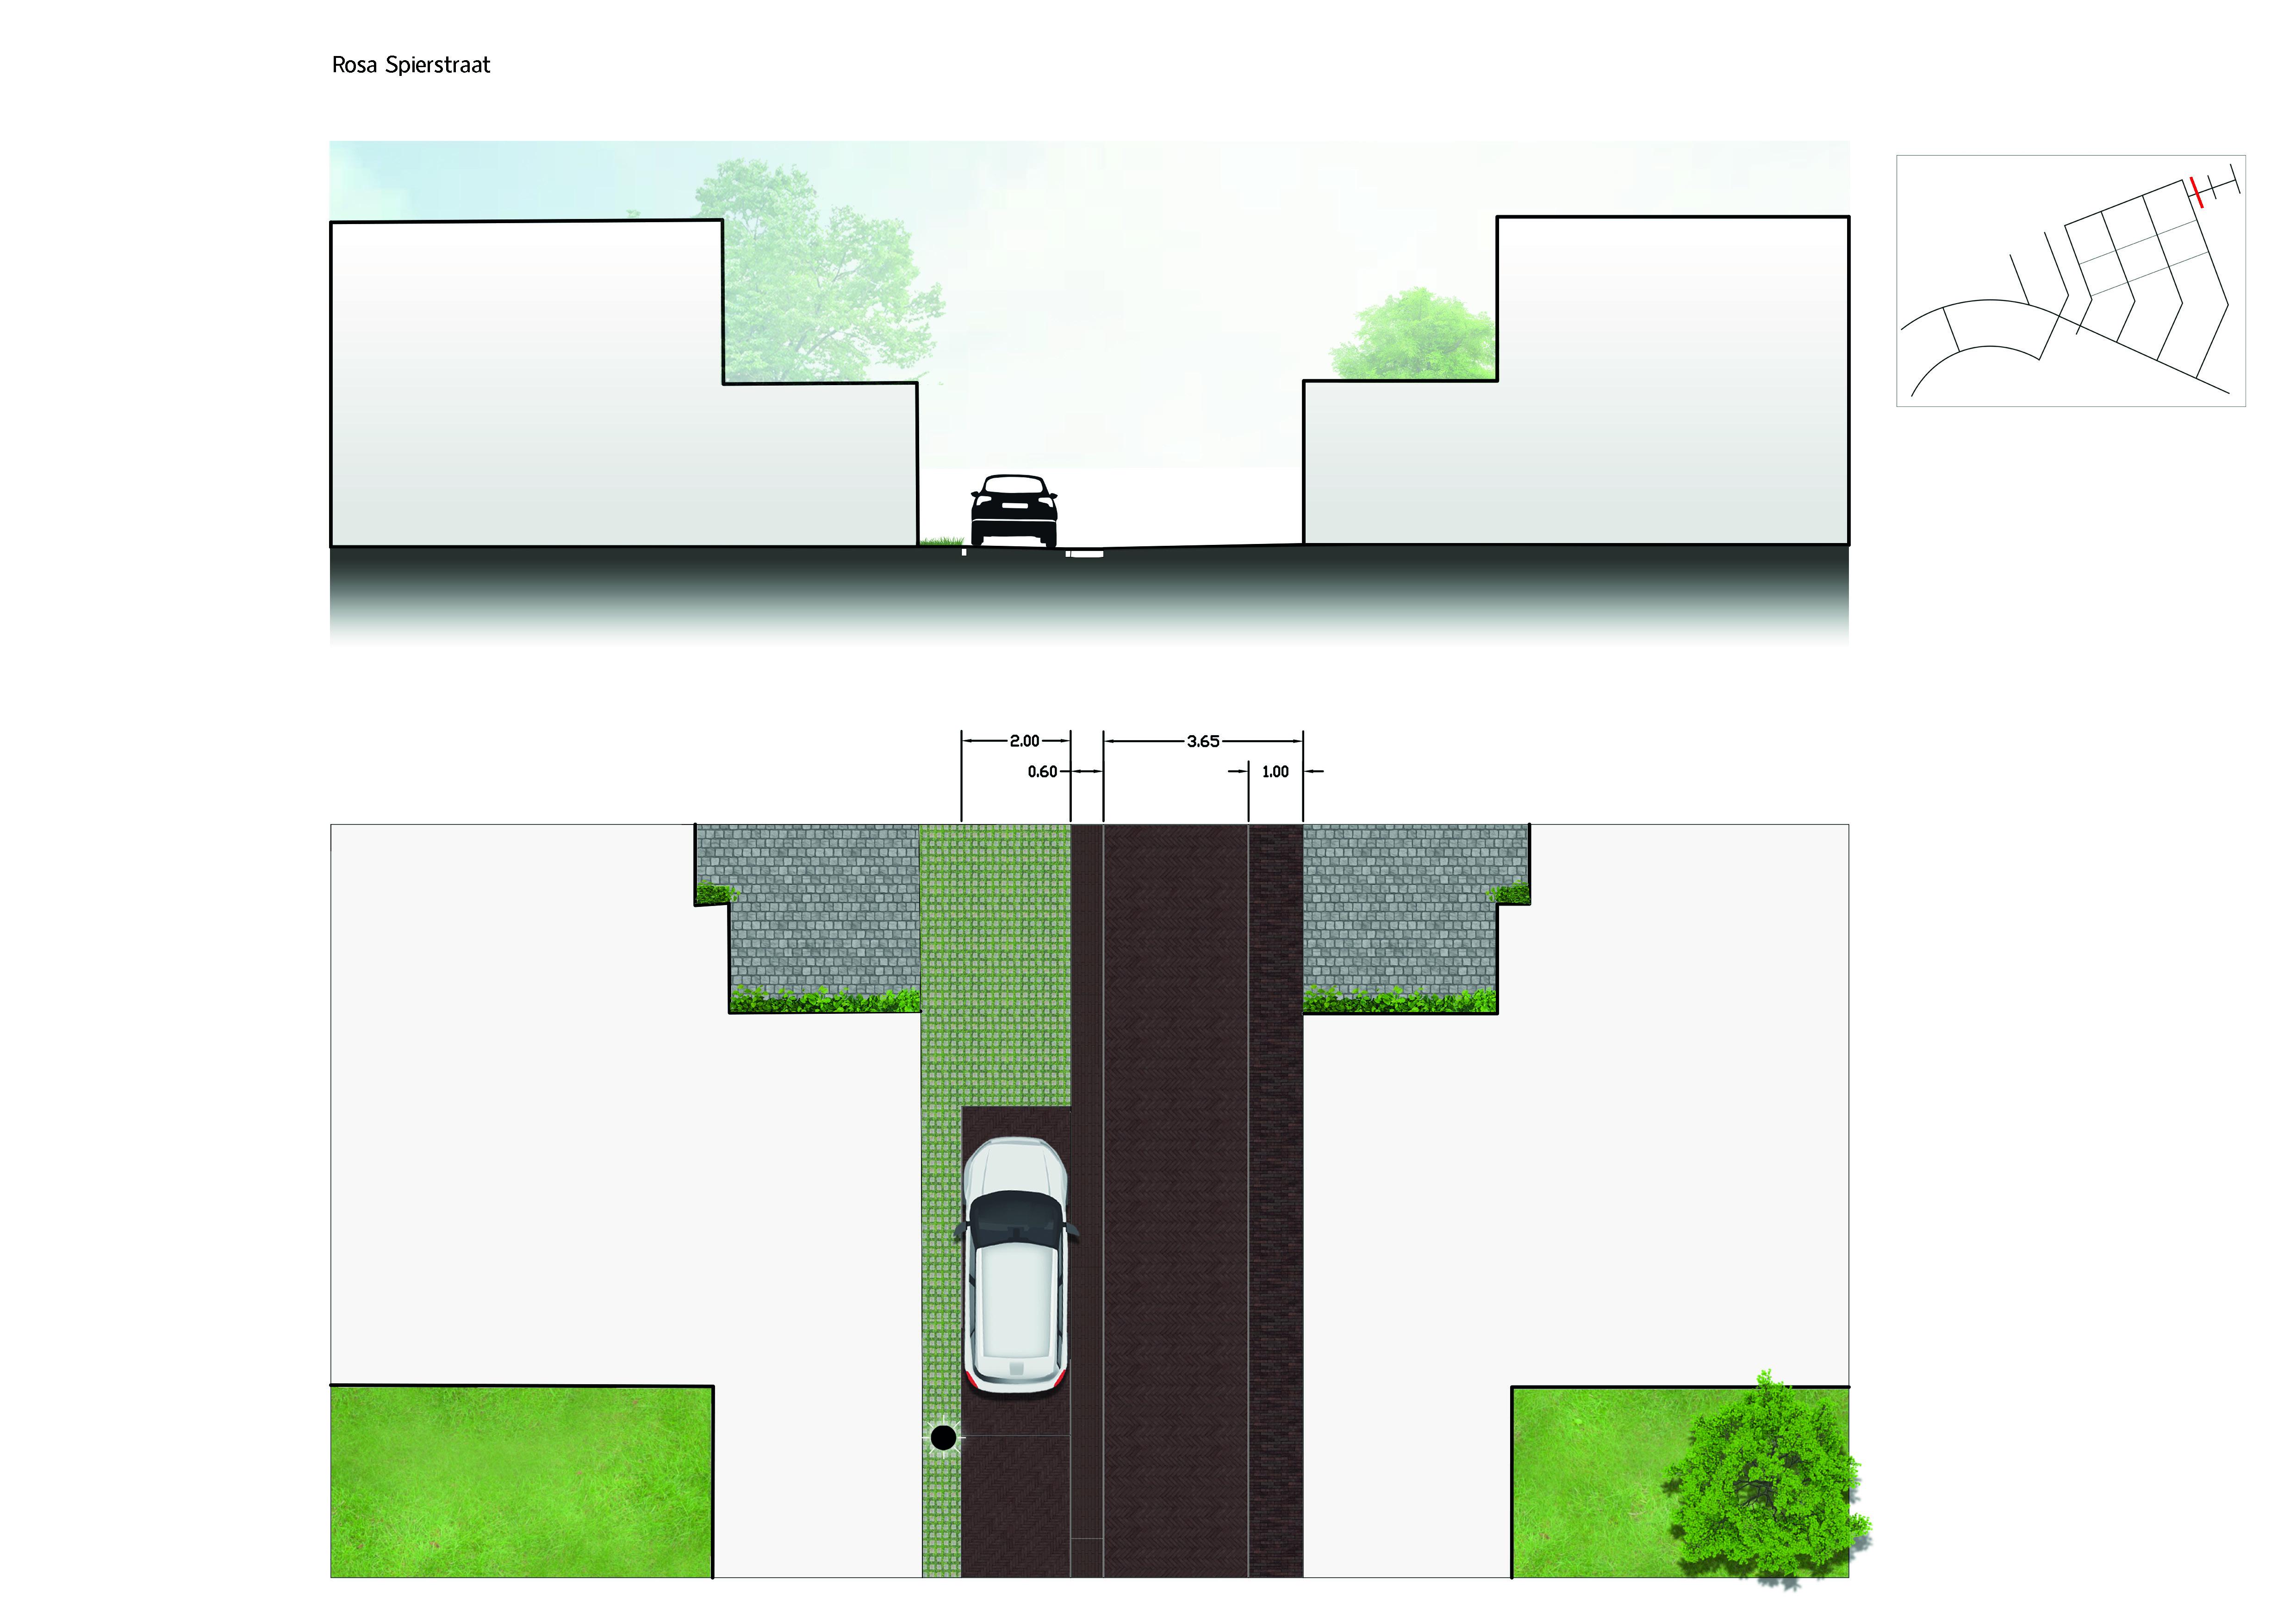 zb-216-klapwijk-pijnacker-rosa-spierstraat.jpg